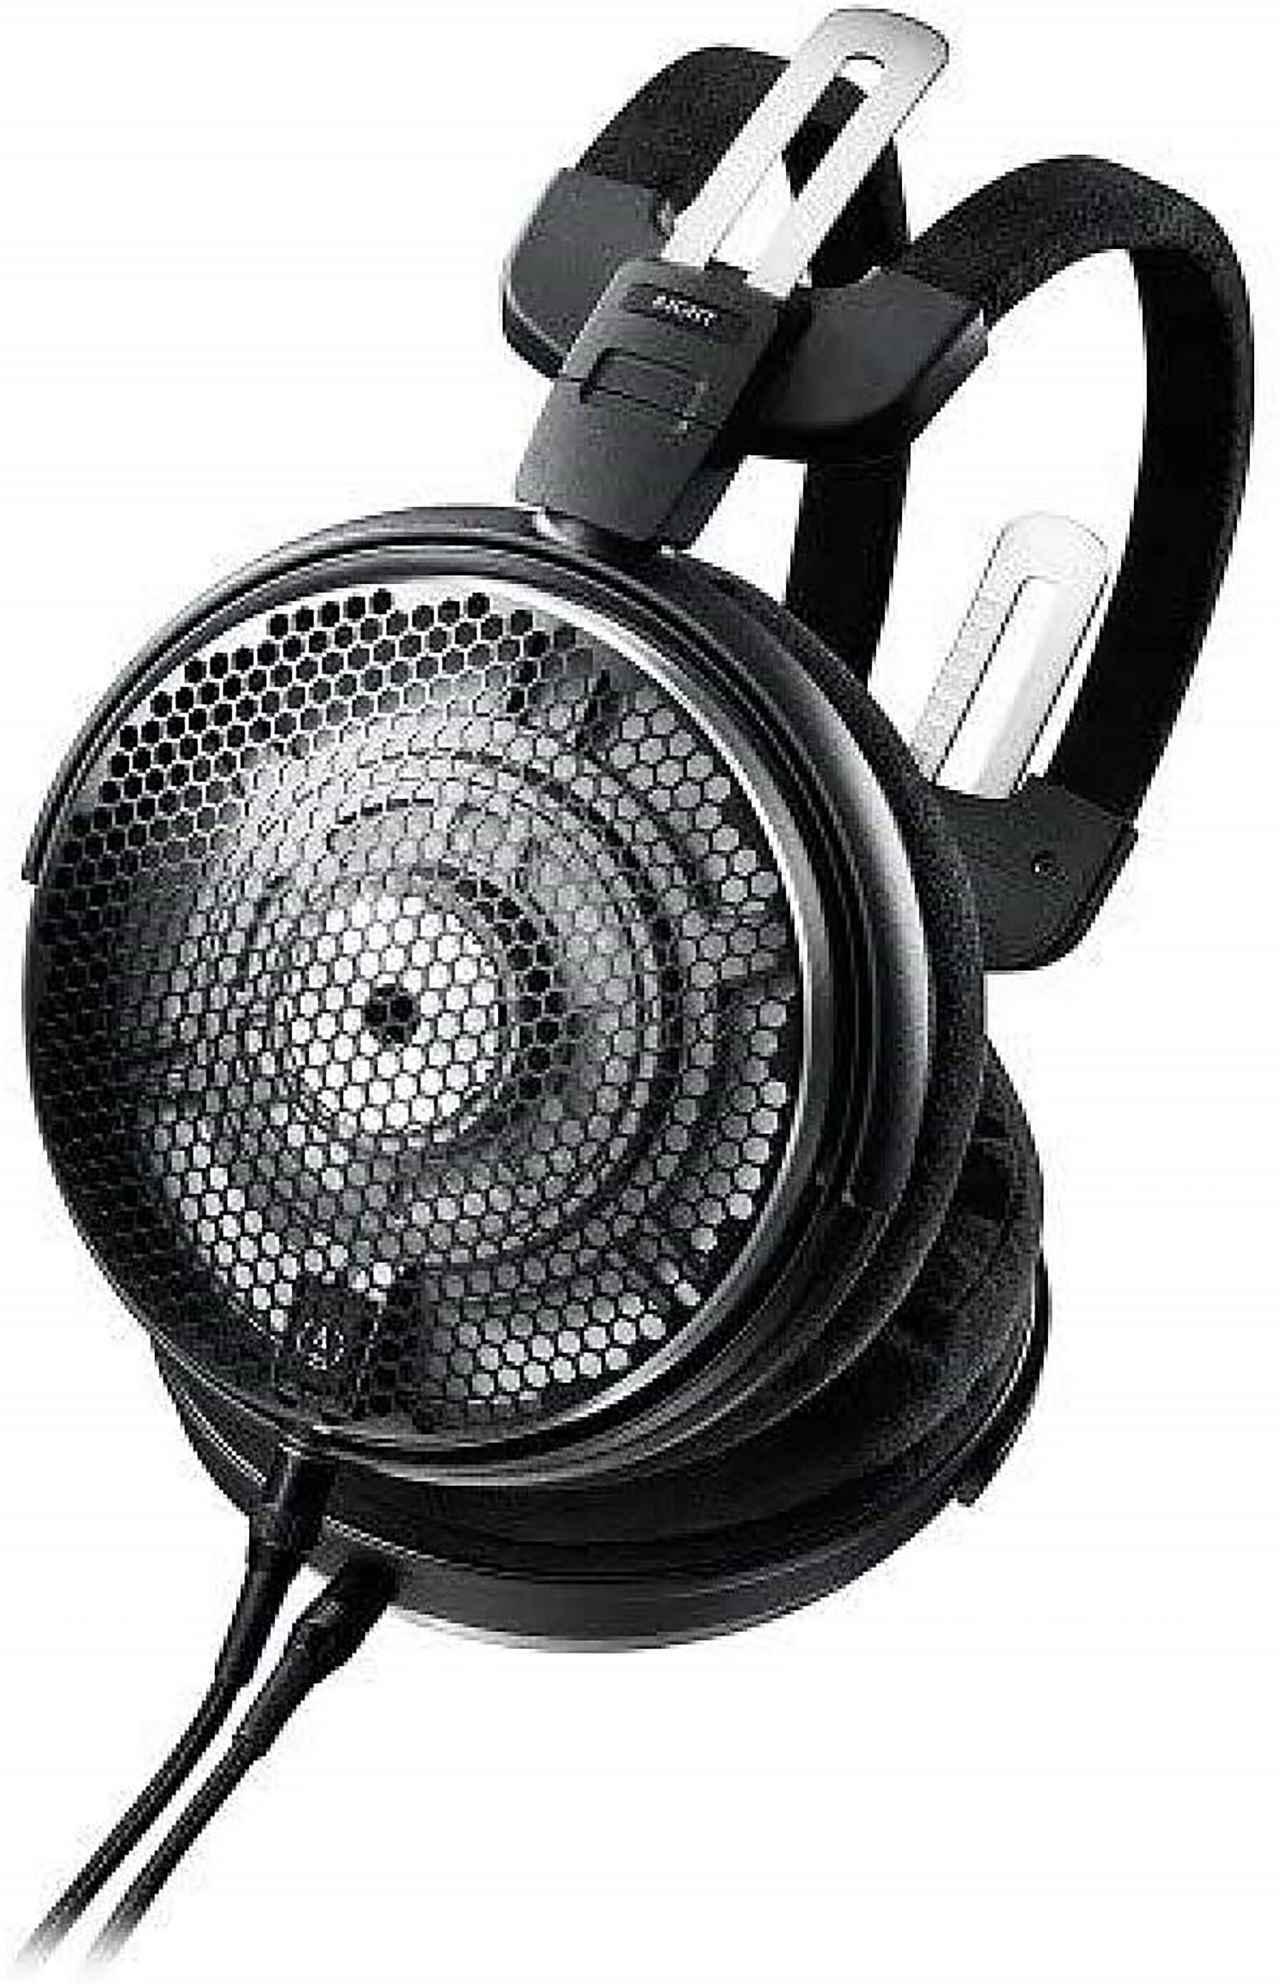 画像: 試聴に使用したヘッドフォン オーディオテクニカ ATH-ADX5000 オープン価格(実勢価格24万円前後) 試聴に使用したヘッドフォンケーブル AT-B1XA/3.0 オープン価格(実勢価格3万9800円前後)